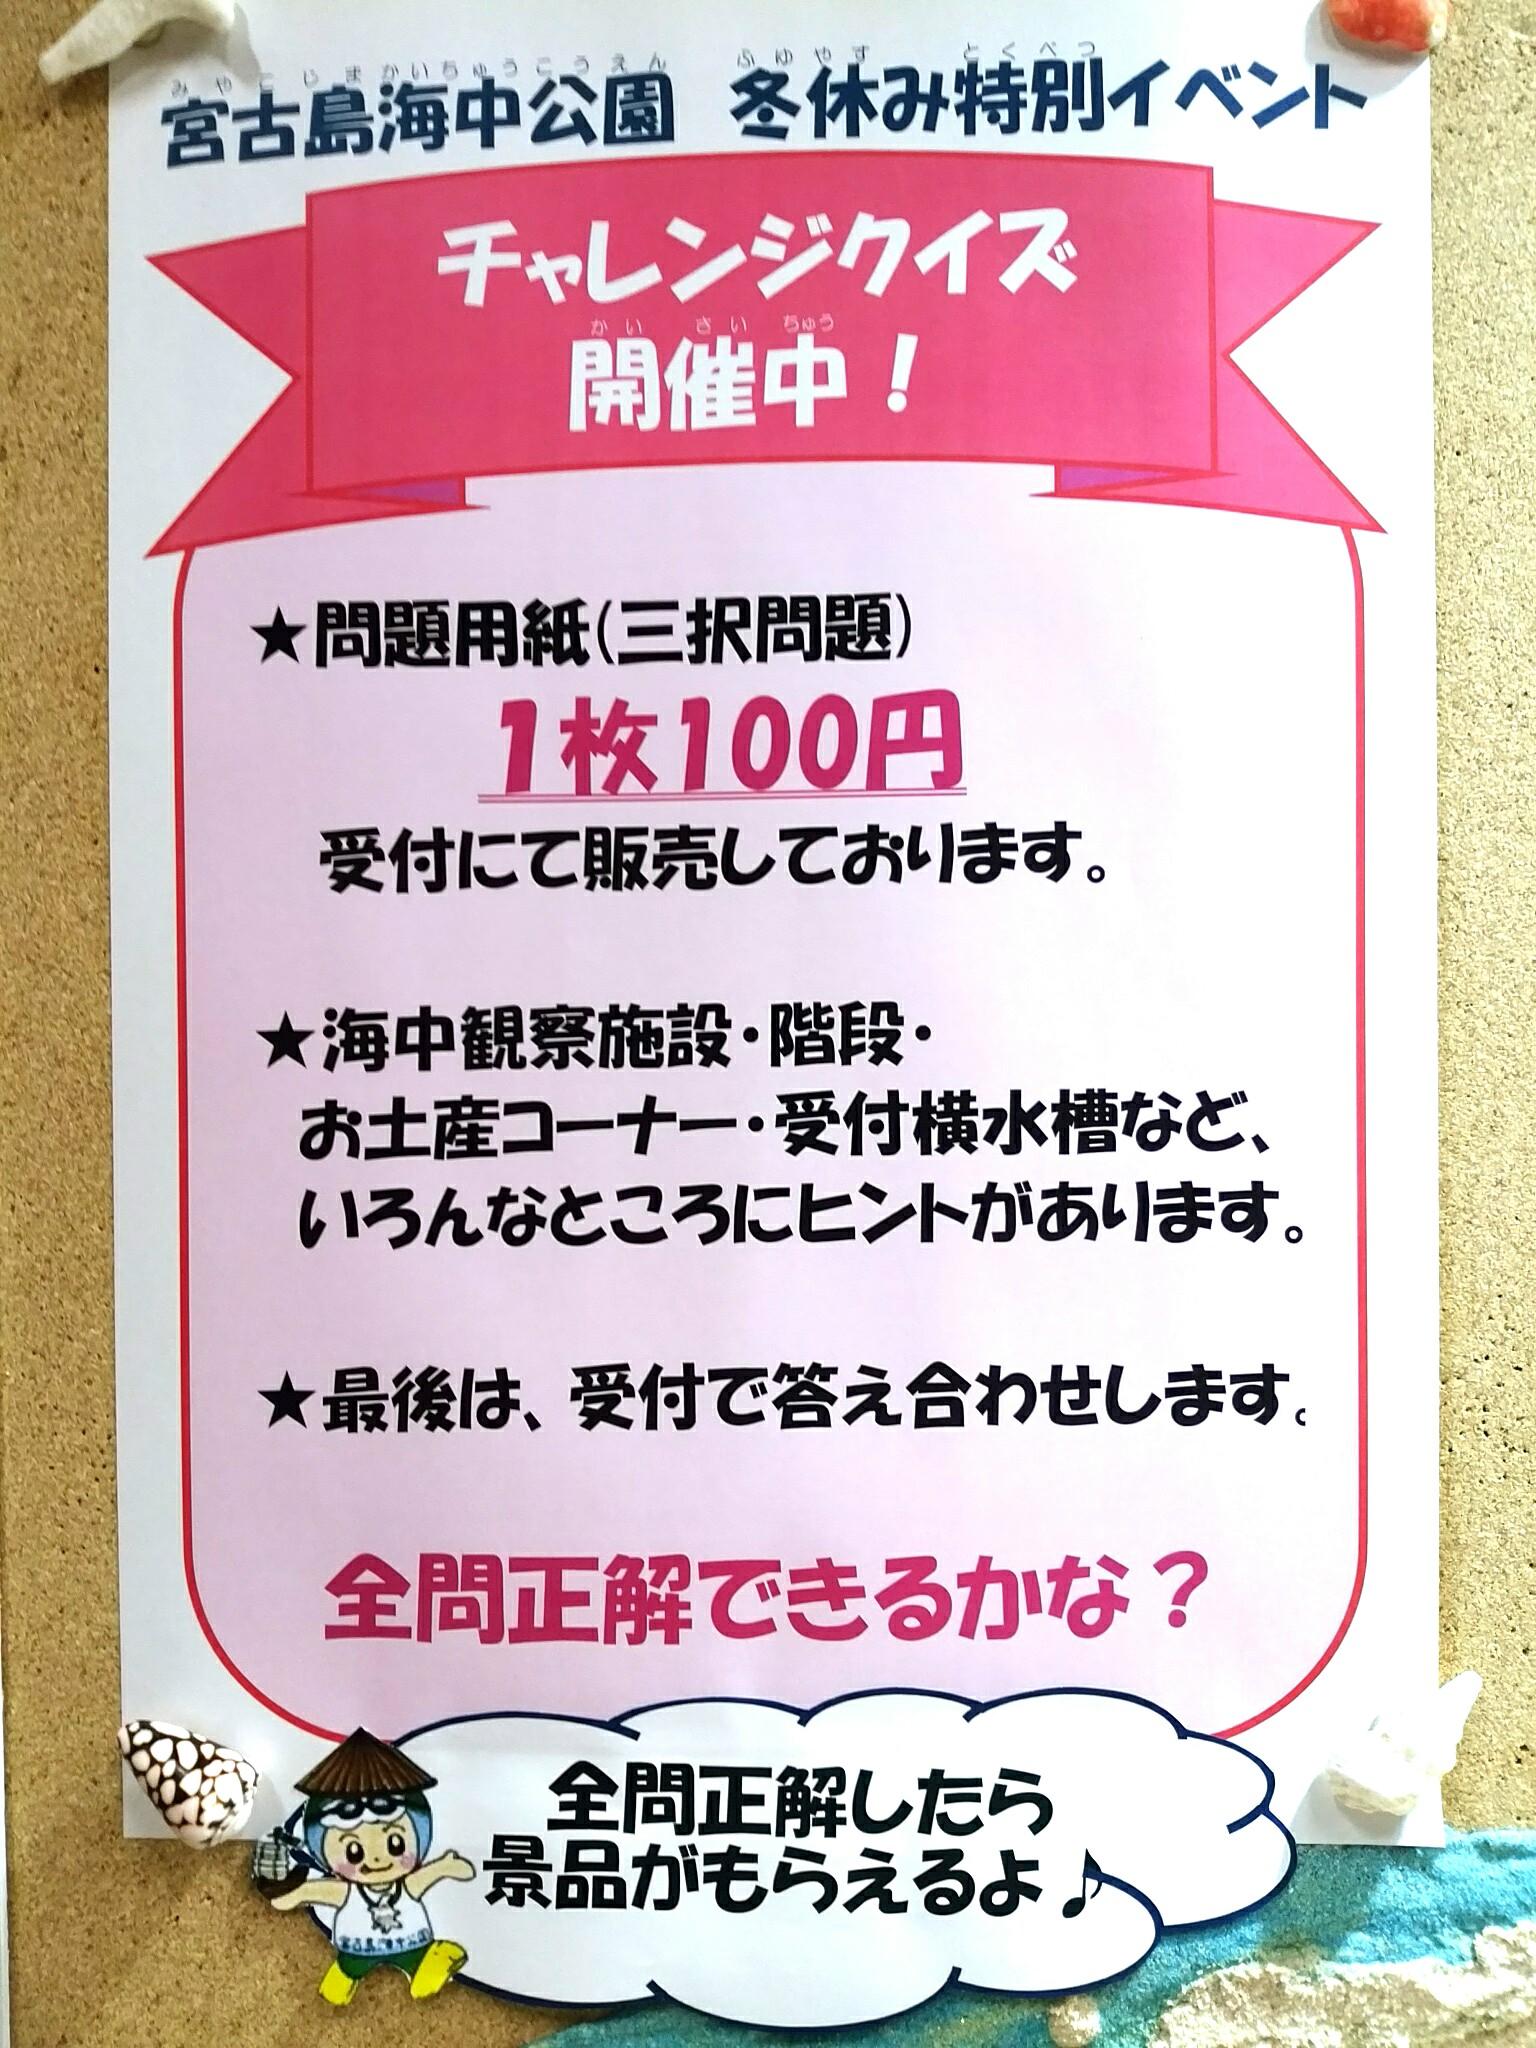 http://miyakojima-kaichukoen.com/blog/upload_images/IMG_20171223_175644.jpg